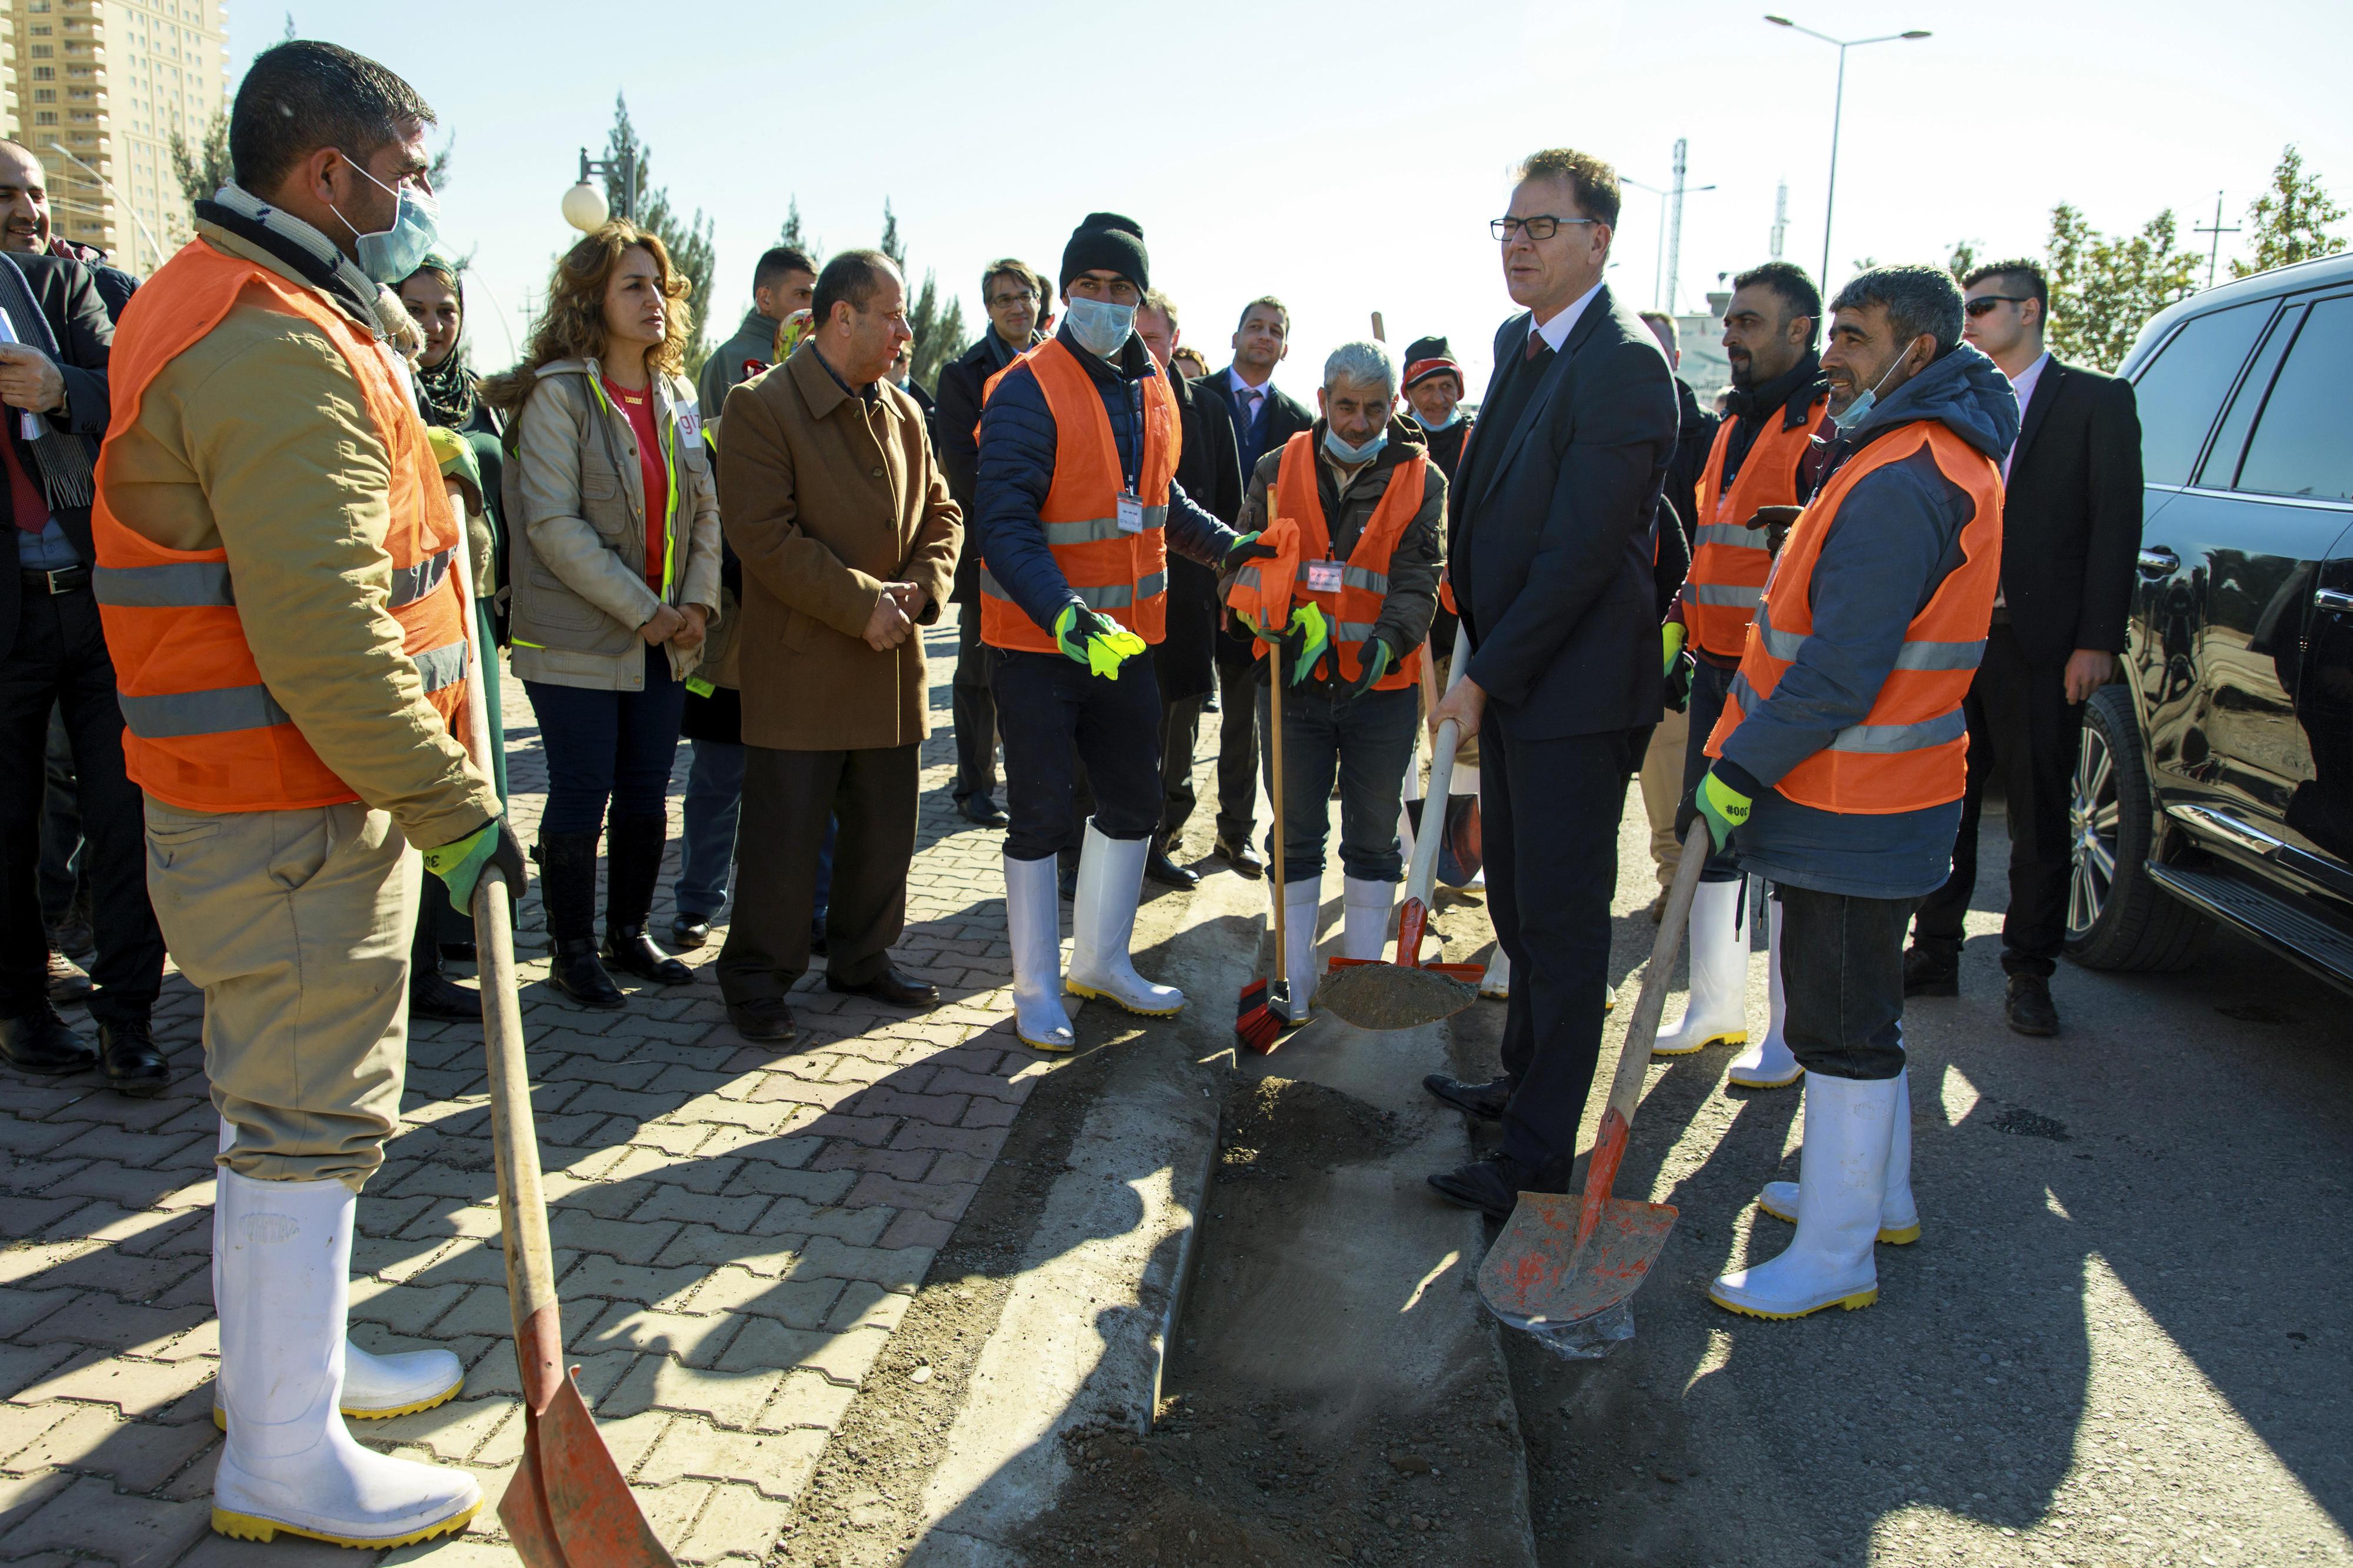 Minister Müller besucht ein Cash-for-Work-Projekt in der Region Kurdistan-Irak.